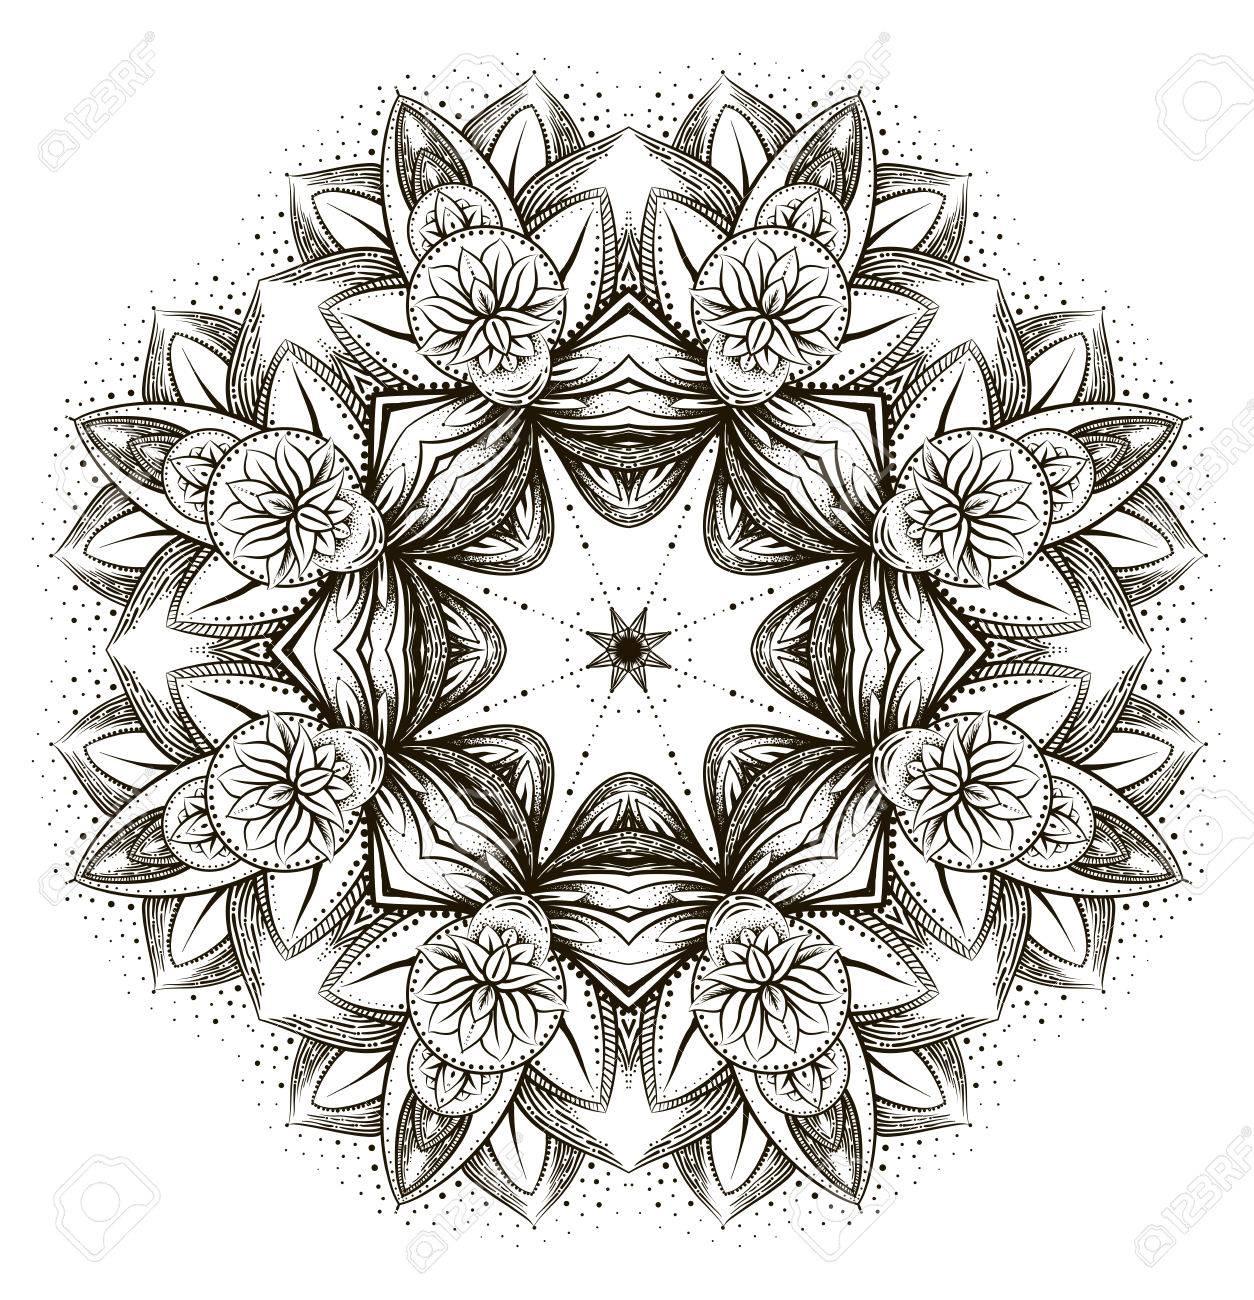 Coloriage Anti Stress Indien.Vector Ornement Lotus Ethnique Tatouage Au Henne Paisley Indien A Motifs Pour Anti Stress Coloriage Adultes Main Illustration Dessinee Dans Le